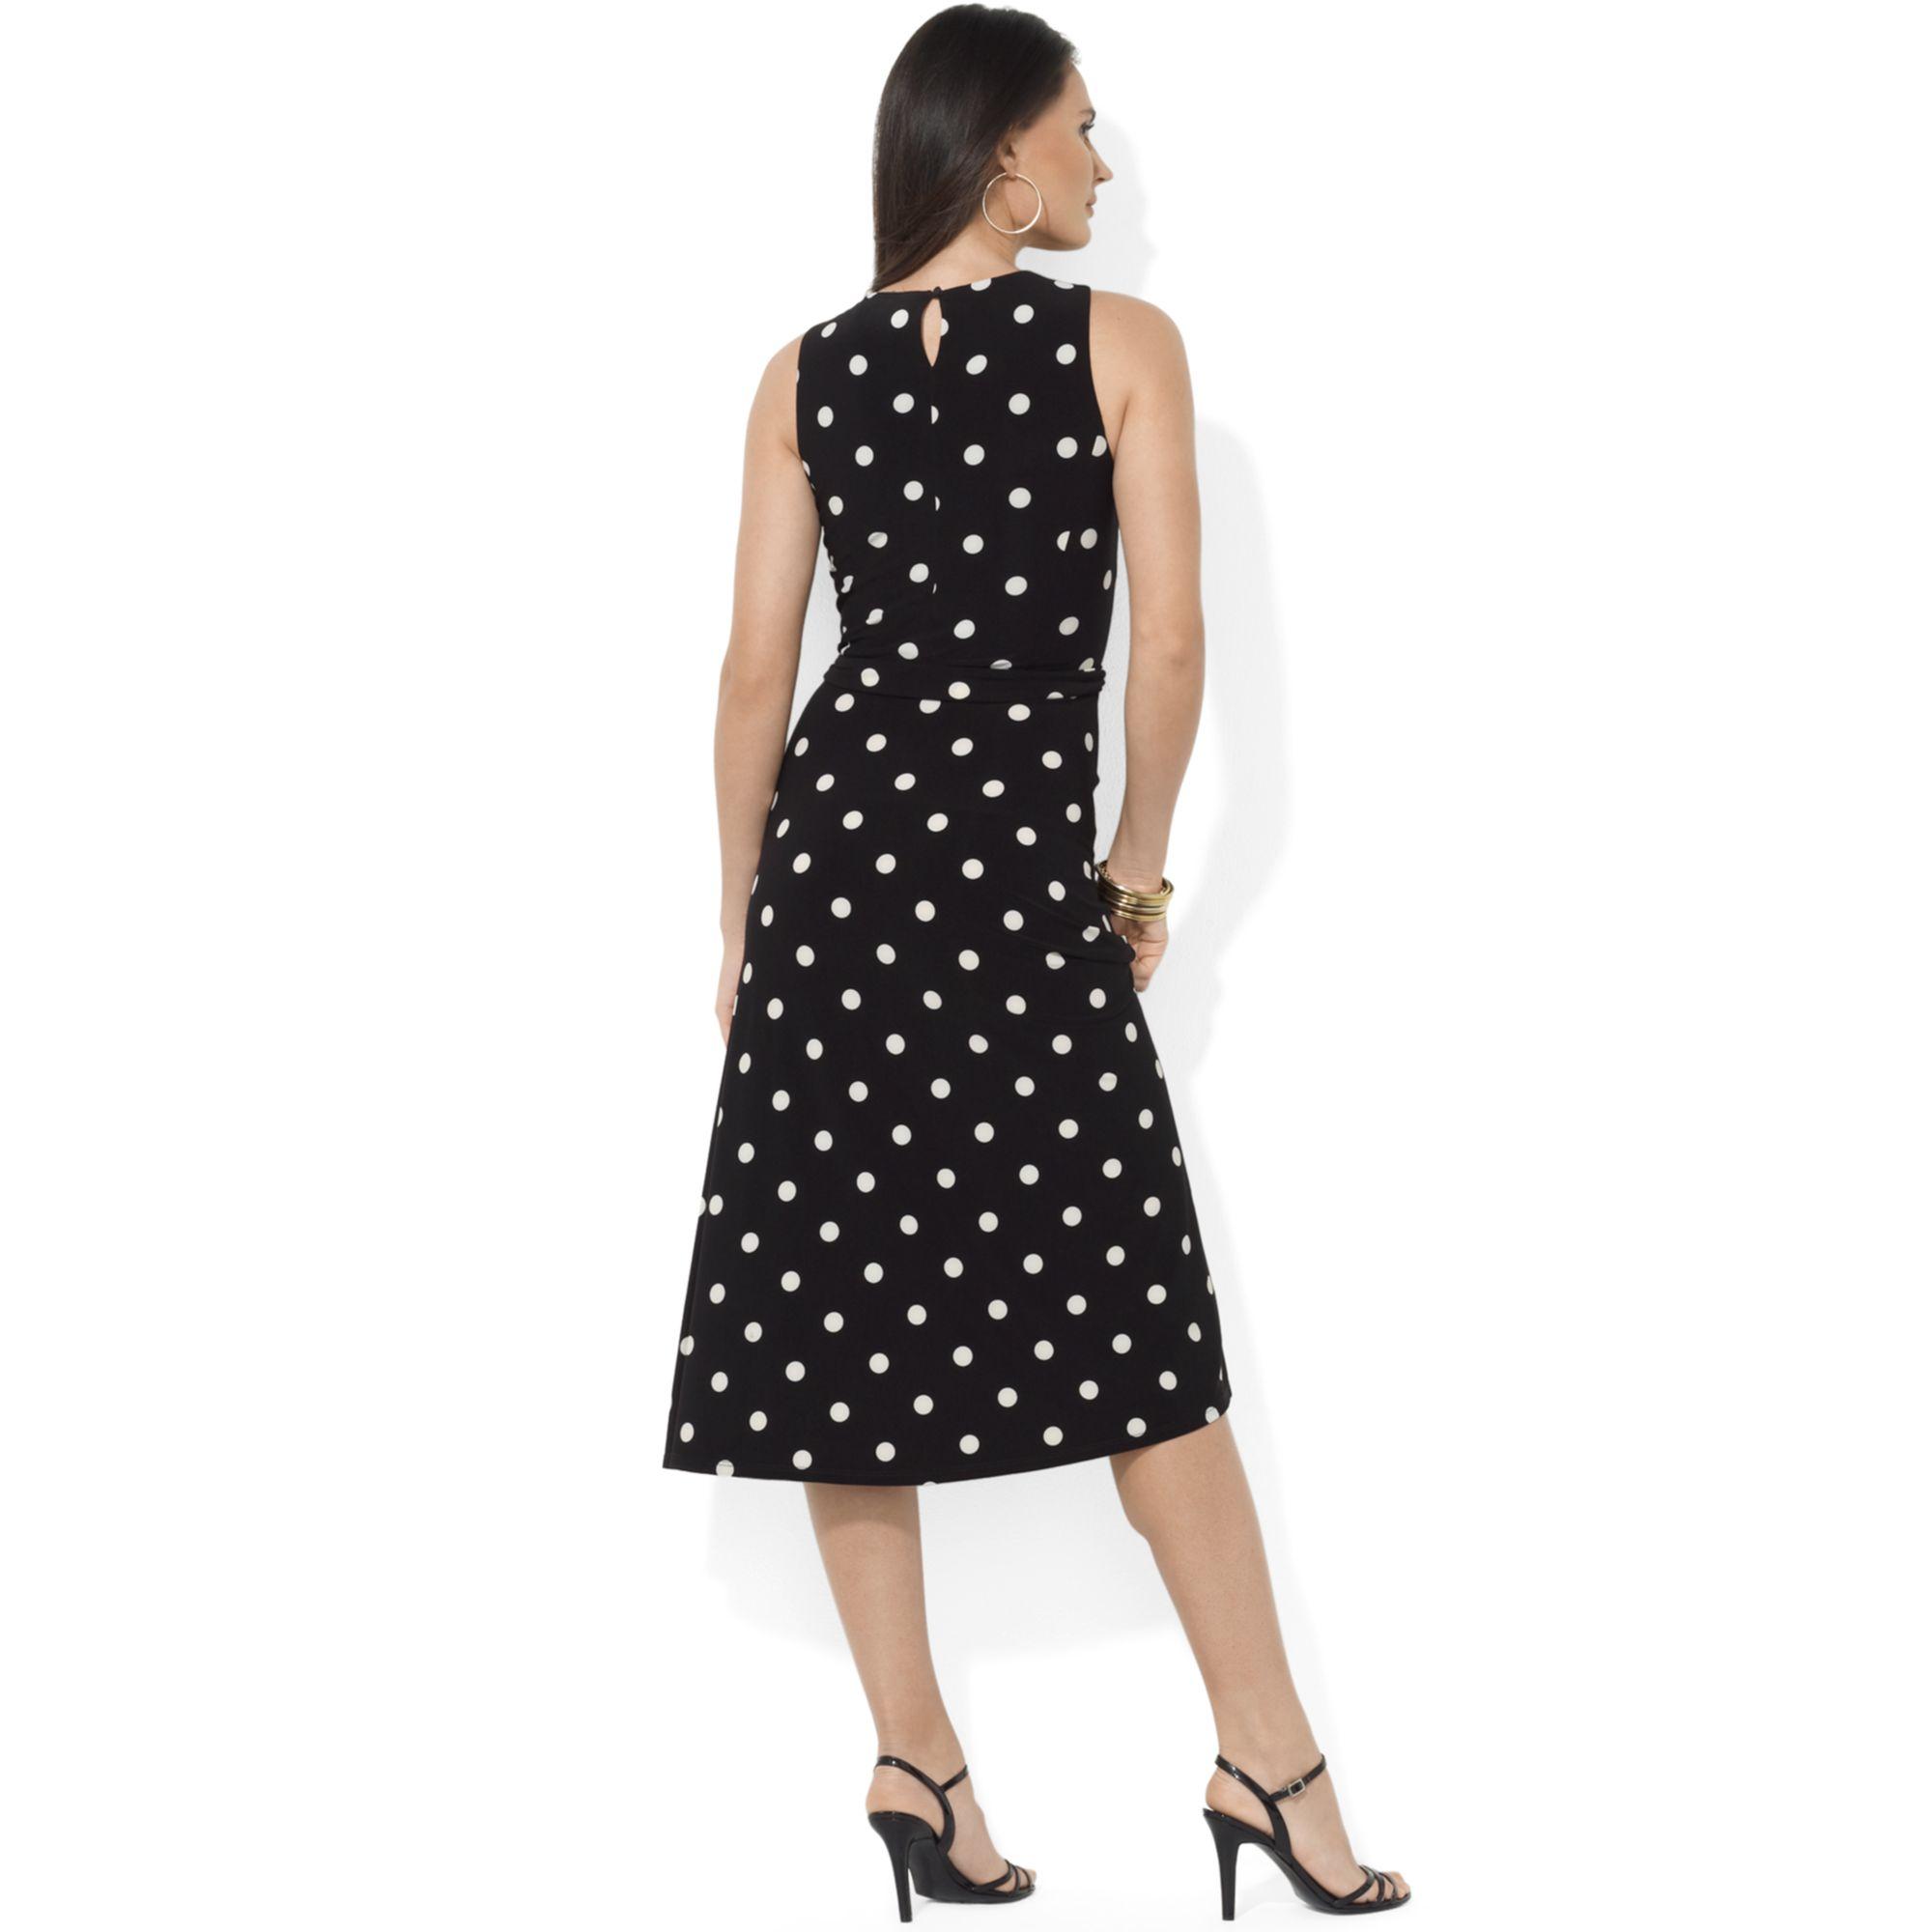 Lauren By Ralph Lauren Sleeveless A Line Polka Dot Dress